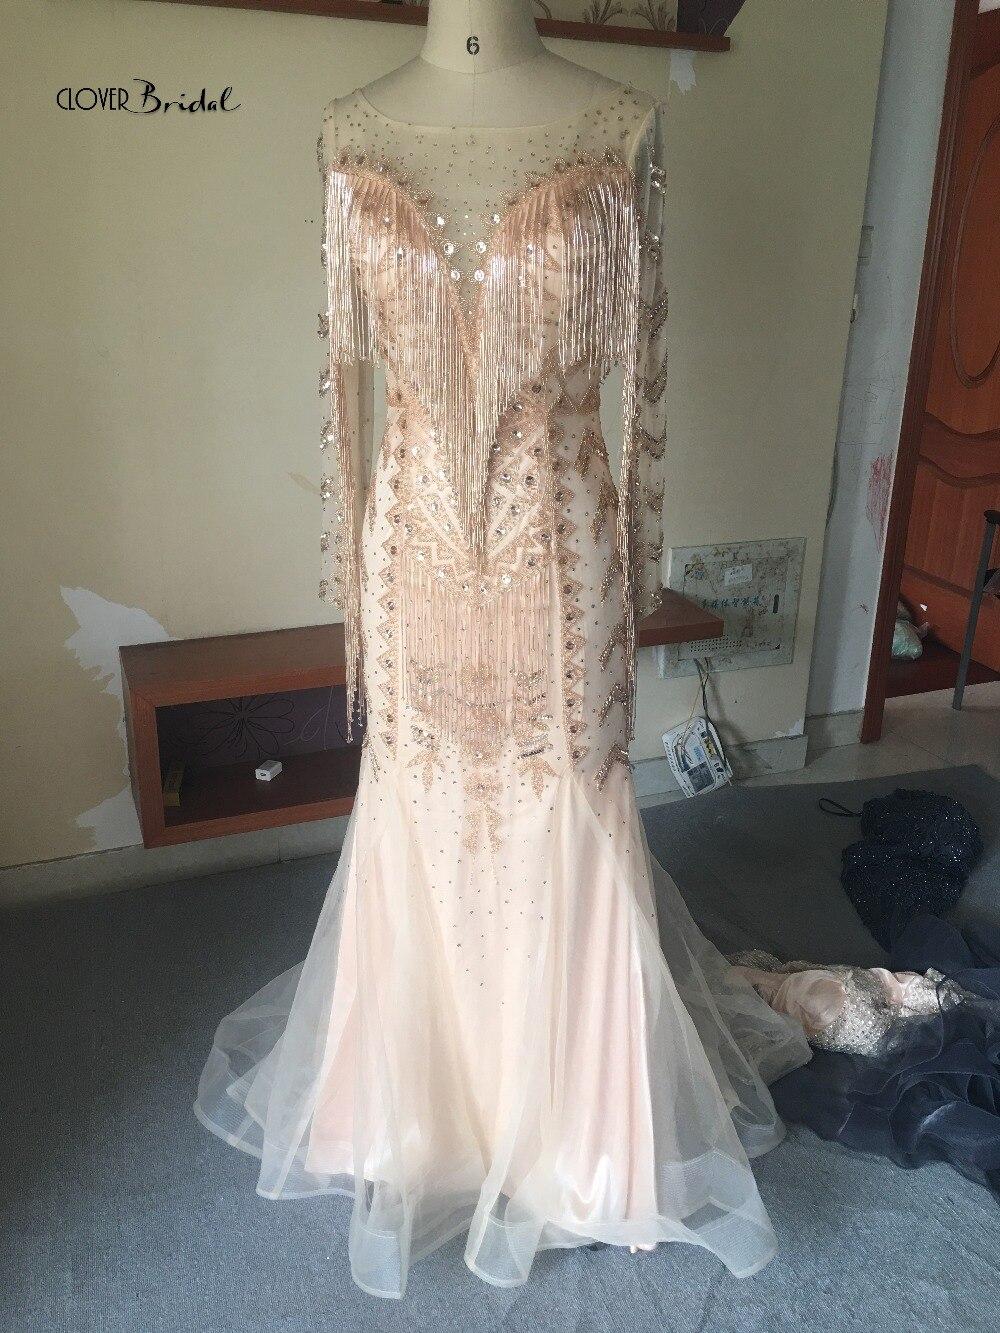 CloverBridal Glitter Vestidos De Fiesta De Noche Borlas Talla Grande Largo Elegantes Sirena Mermaid Tassels Evening Dress 2019